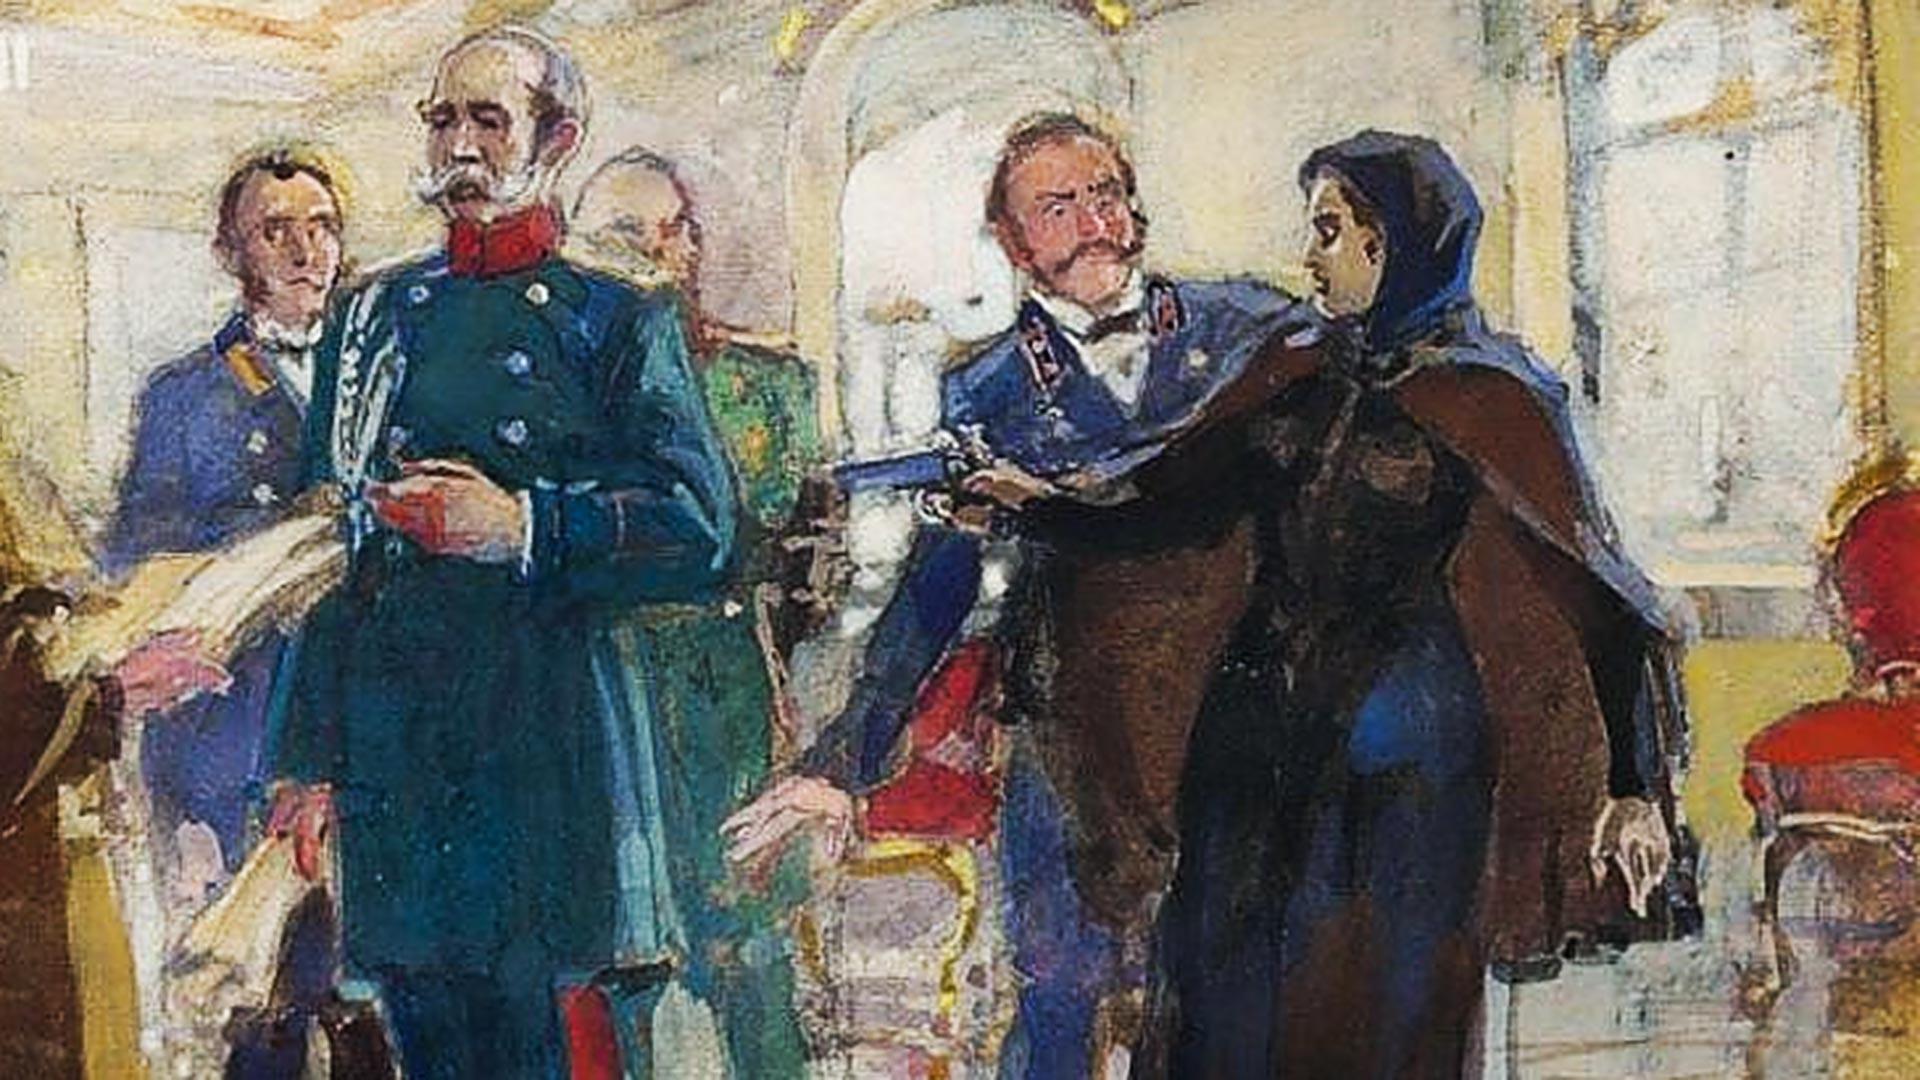 Vera Zasulich (1849—1919), penggerak revolusi Rusia yang mencoba membunuh Fyodor Trepov (1803—1889), Kepala Polisi Sankt Peterburg (1860—1878). Dia hanya berhasil melukainya. Pada persidangannya, juri membebaskannya.